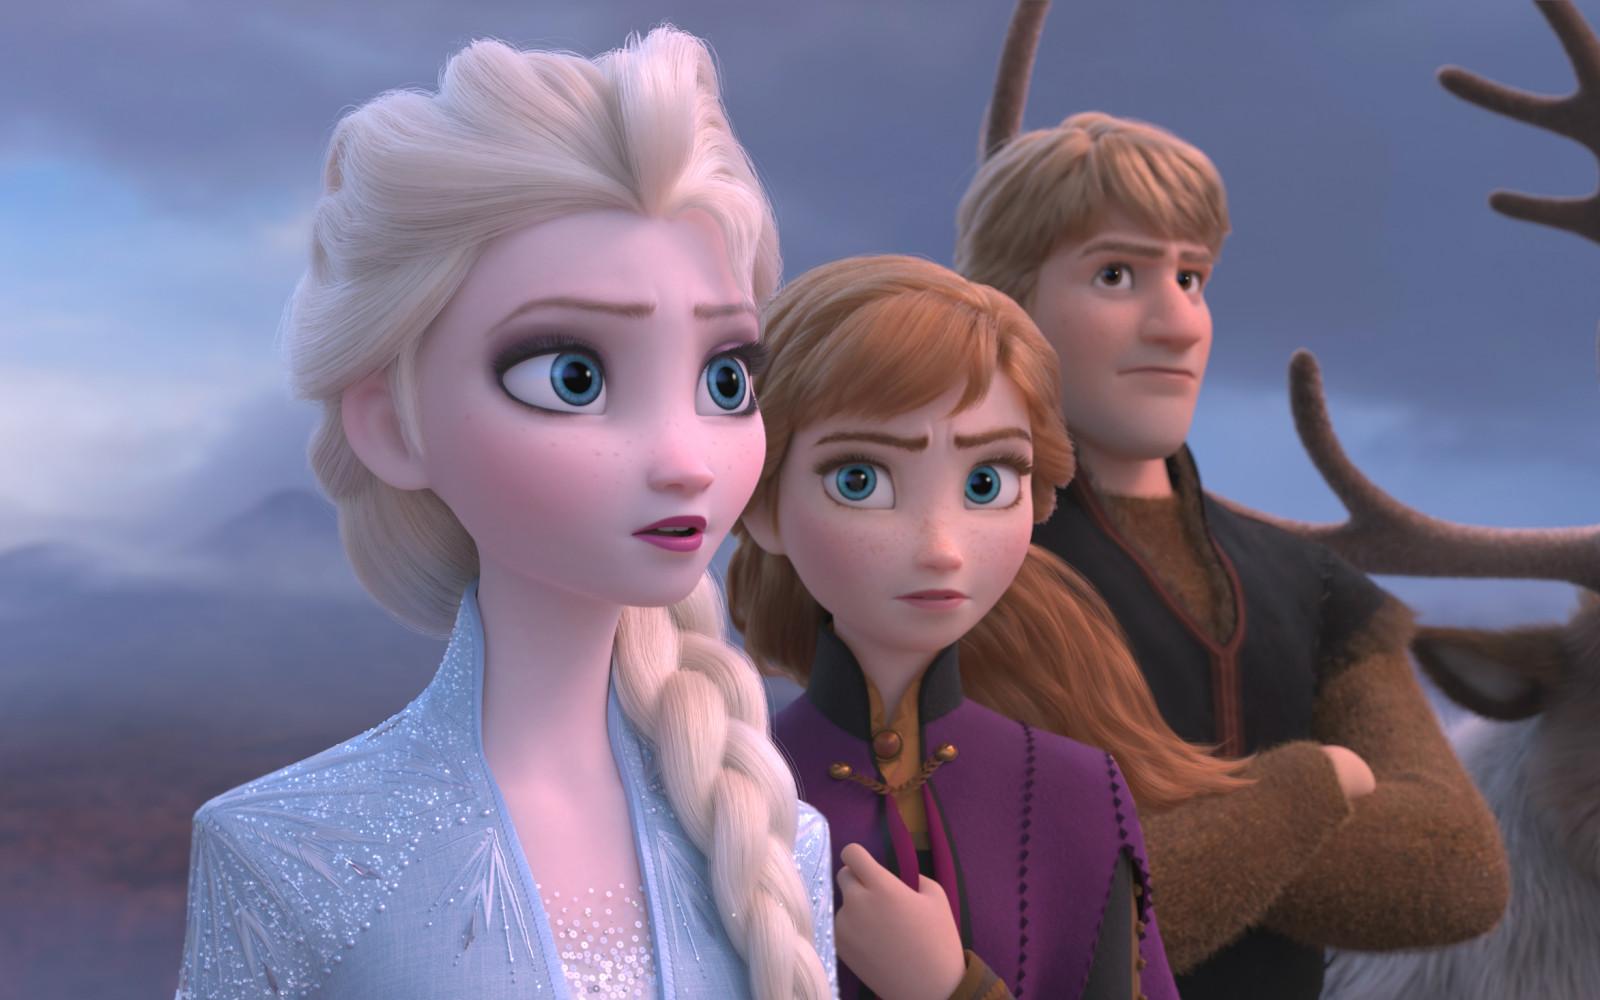 究竟是谁在召唤艾莎?《冰雪奇缘2》放出全新故事预告